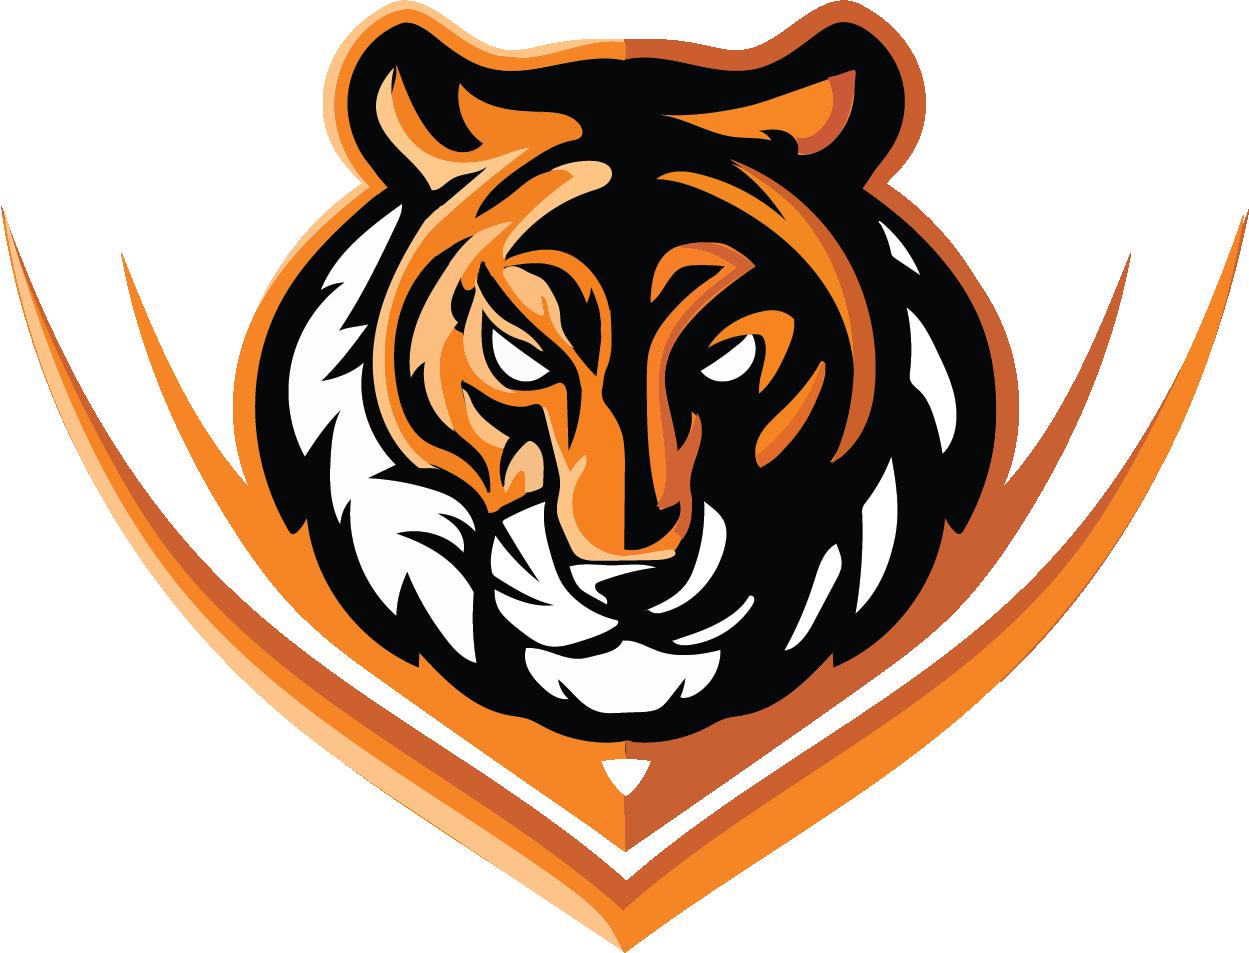 Barnegat Valorant's logo